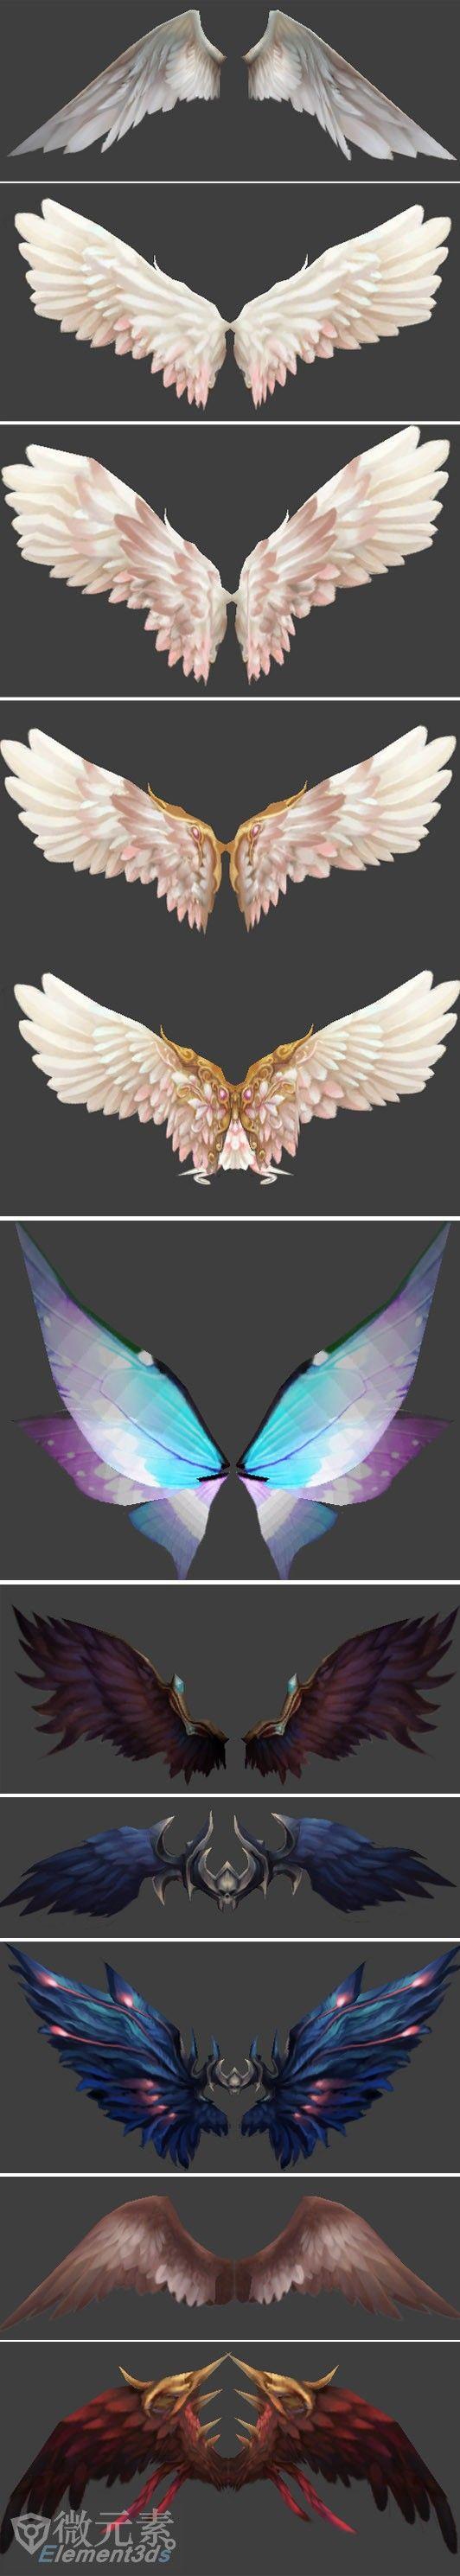 【微元素】超值:漂亮的零纪元角色篇-(翅...@原画梦采集到作画教程(364图)_花瓣插画